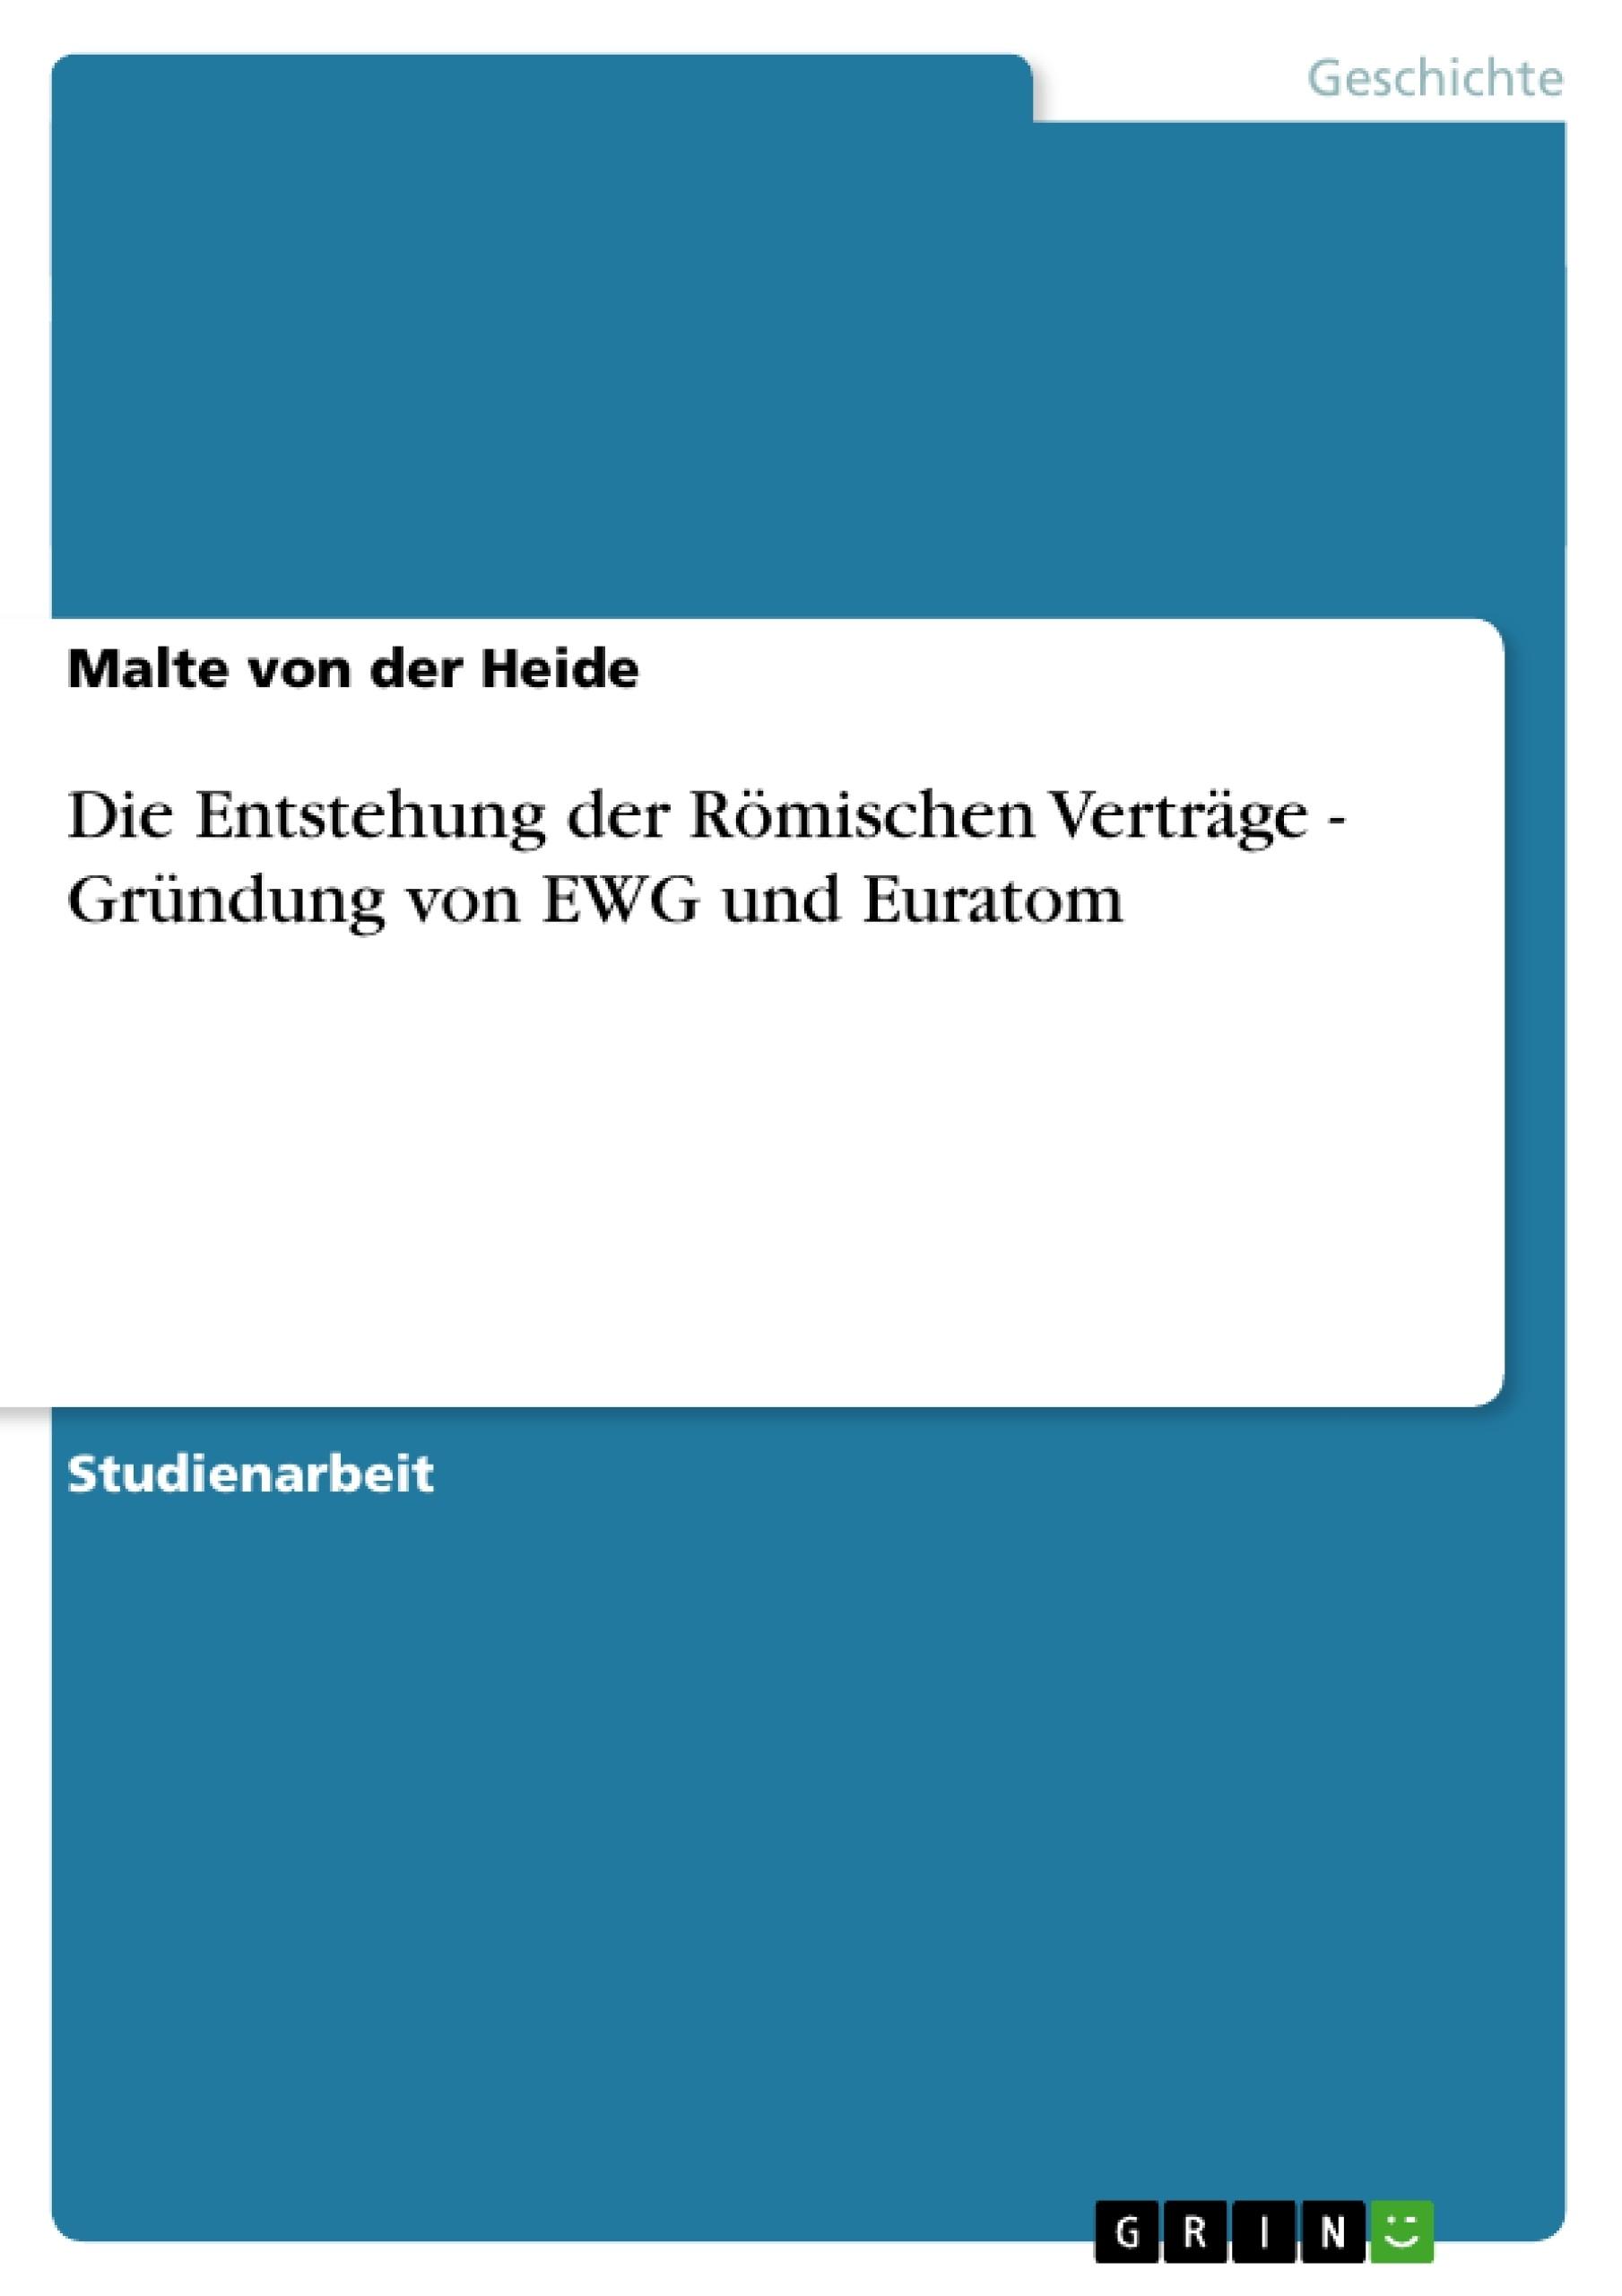 Titel: Die Entstehung der Römischen Verträge - Gründung von EWG und Euratom